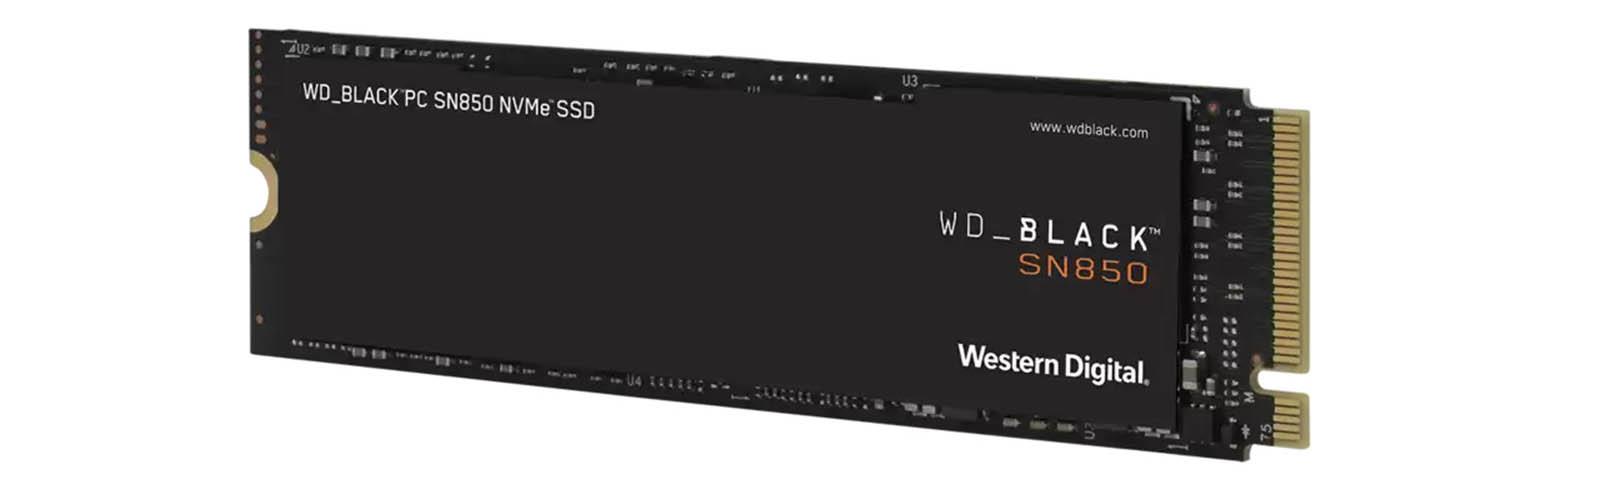 WD Black SN850 1TB NVMe PCIe SSD